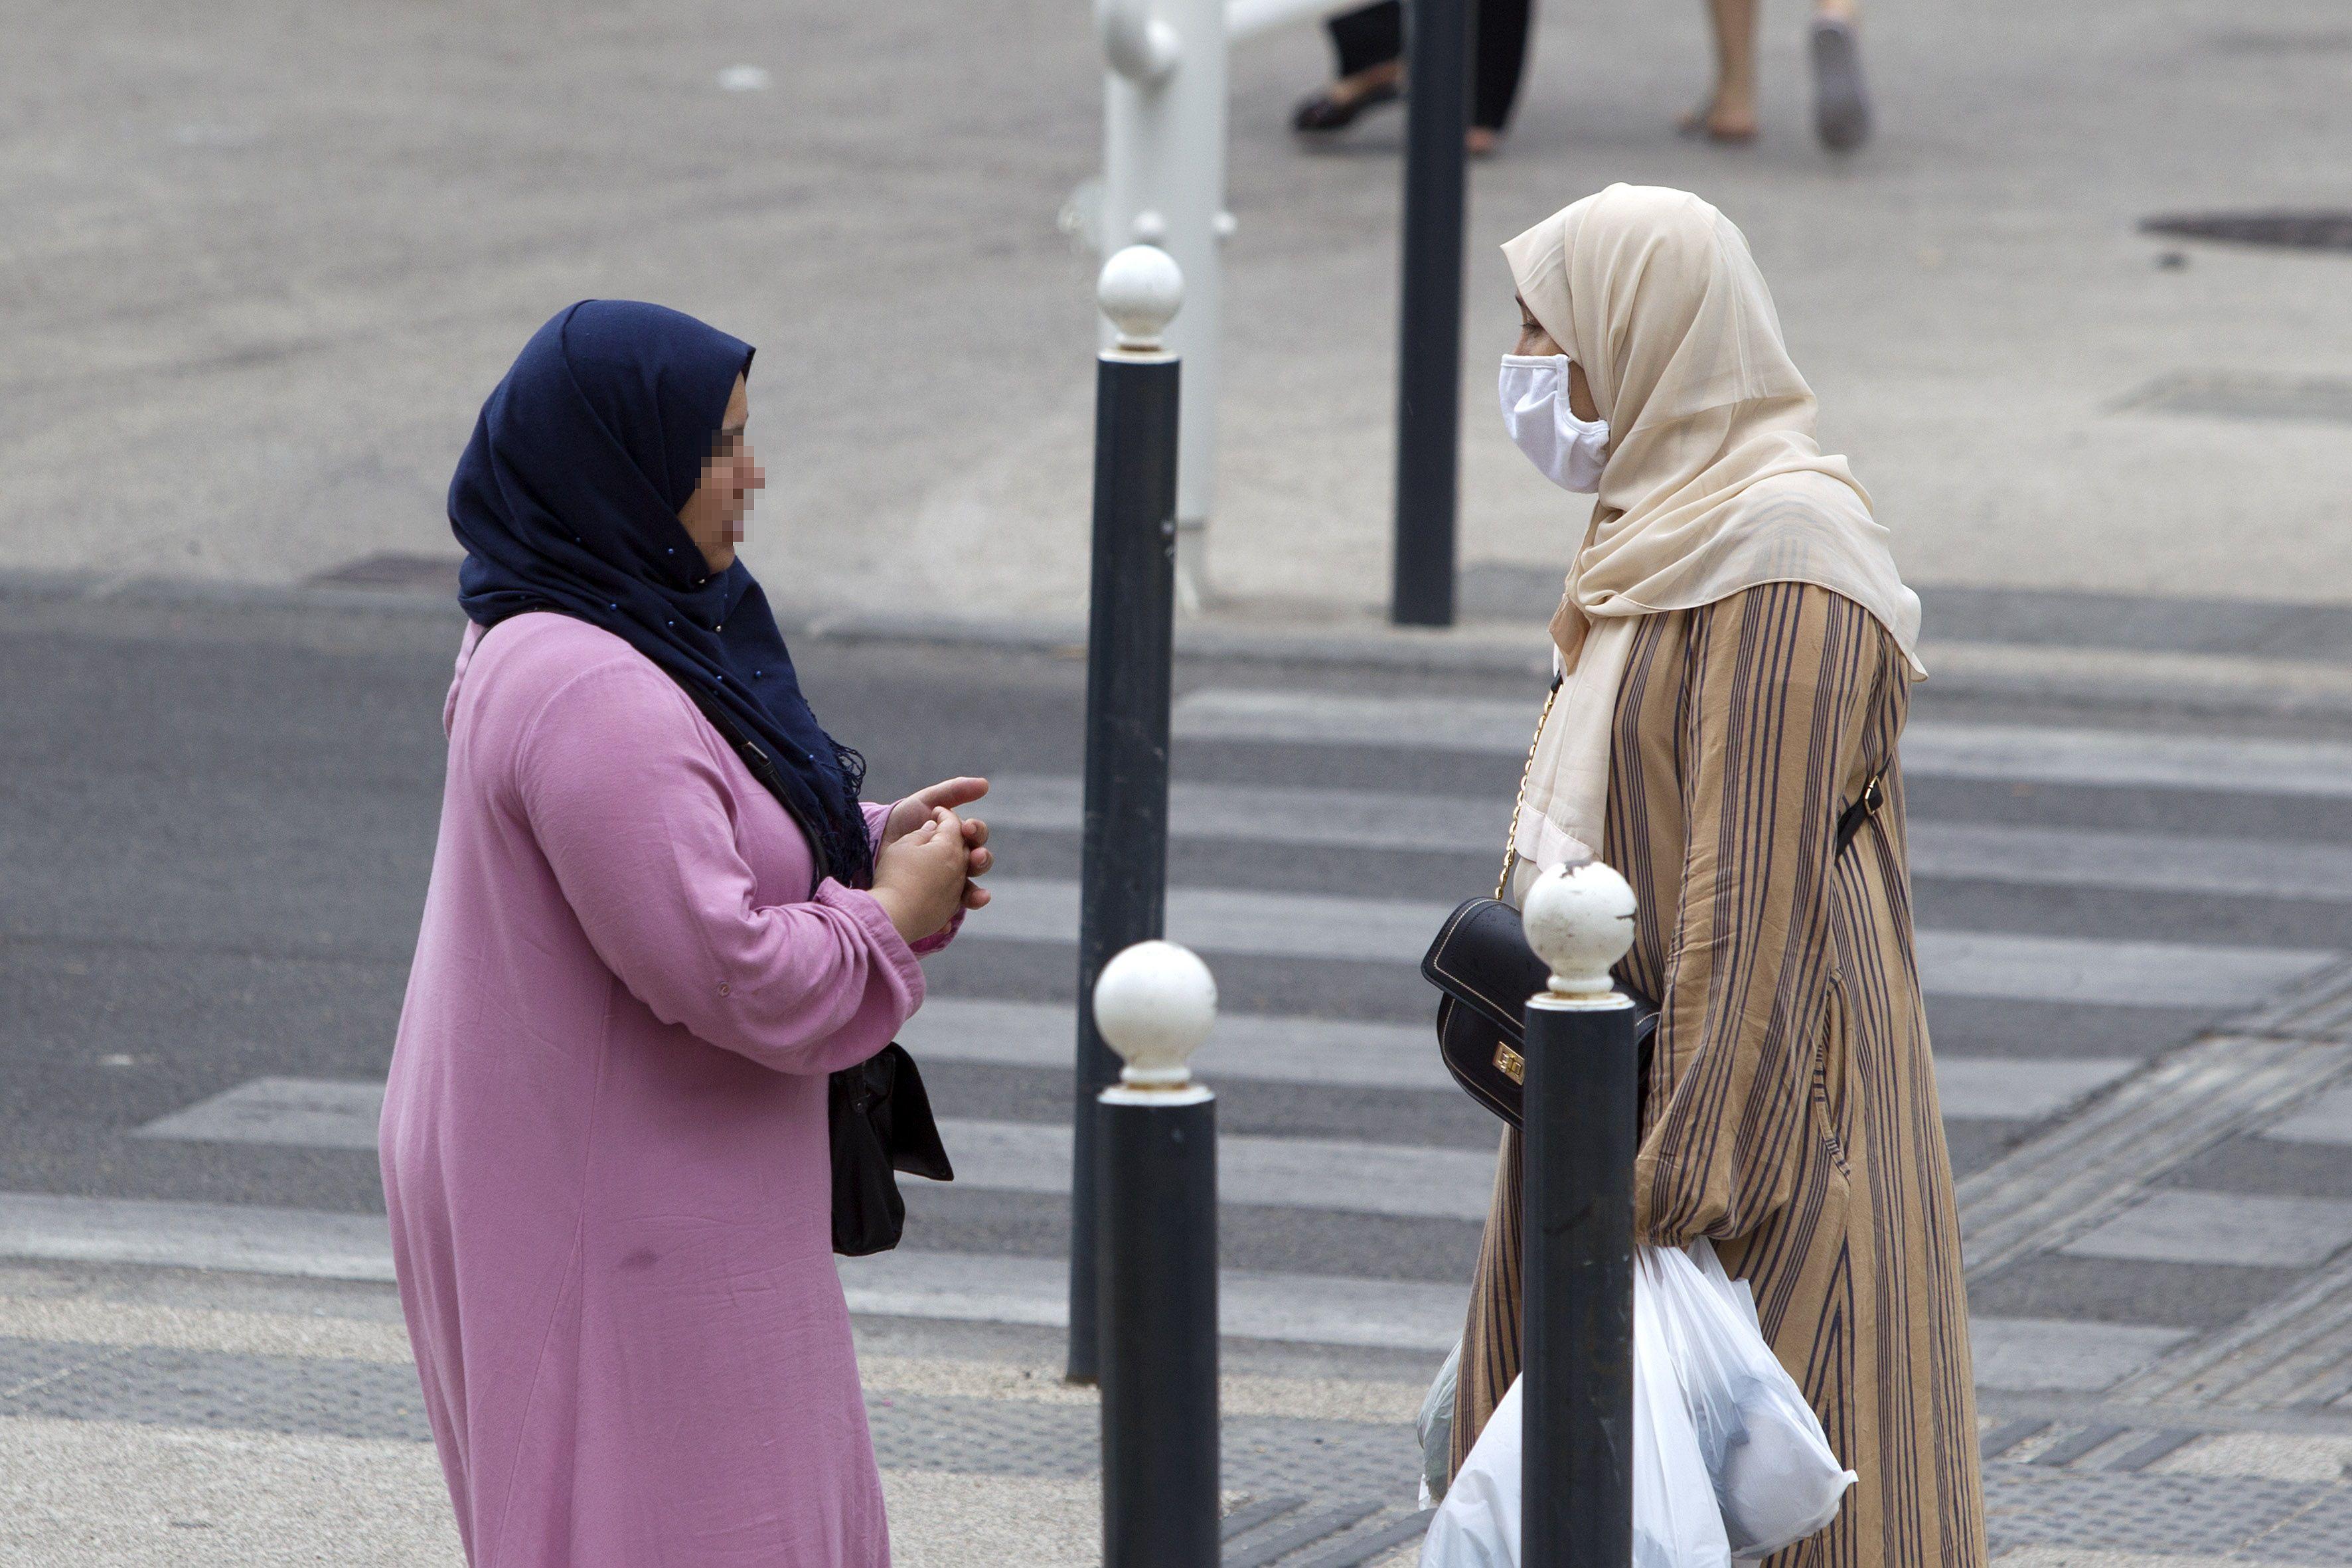 28/07/2020 Mujeres con velo en Francia.POLITICA GUILLAUME BONNEFONT / ZUMA PRESS / CONTACTOPHOTO